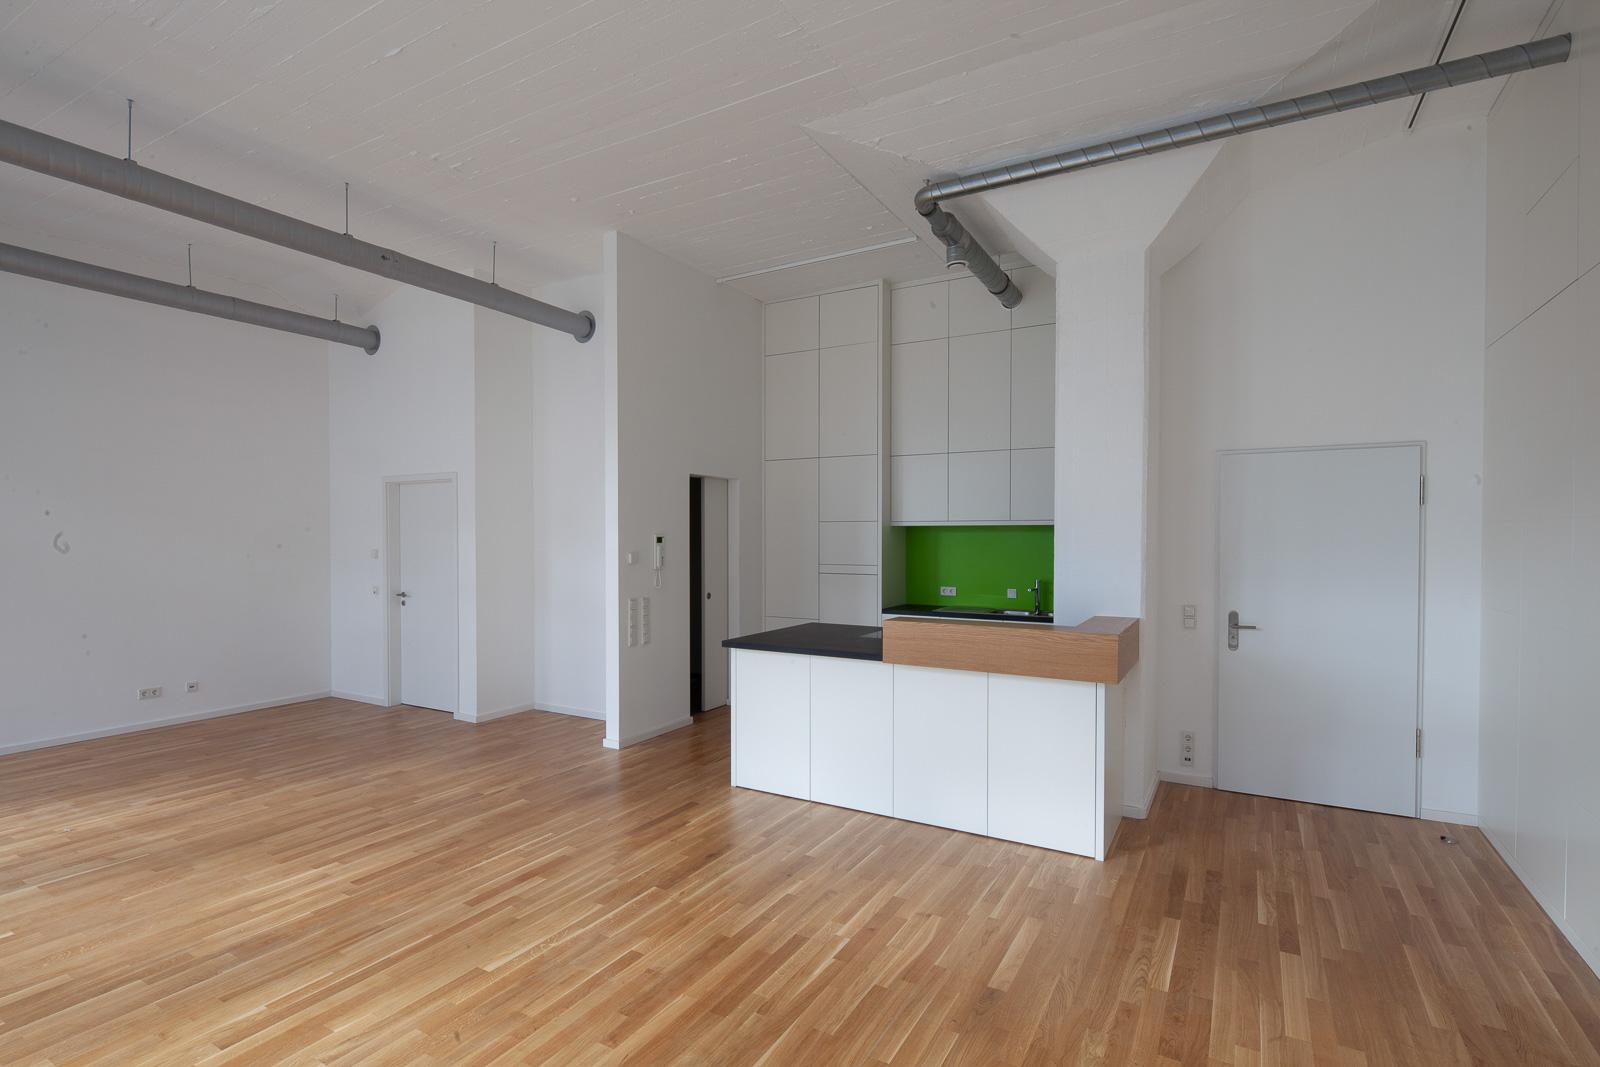 Bobinet Halle 5 Innenraum Küche